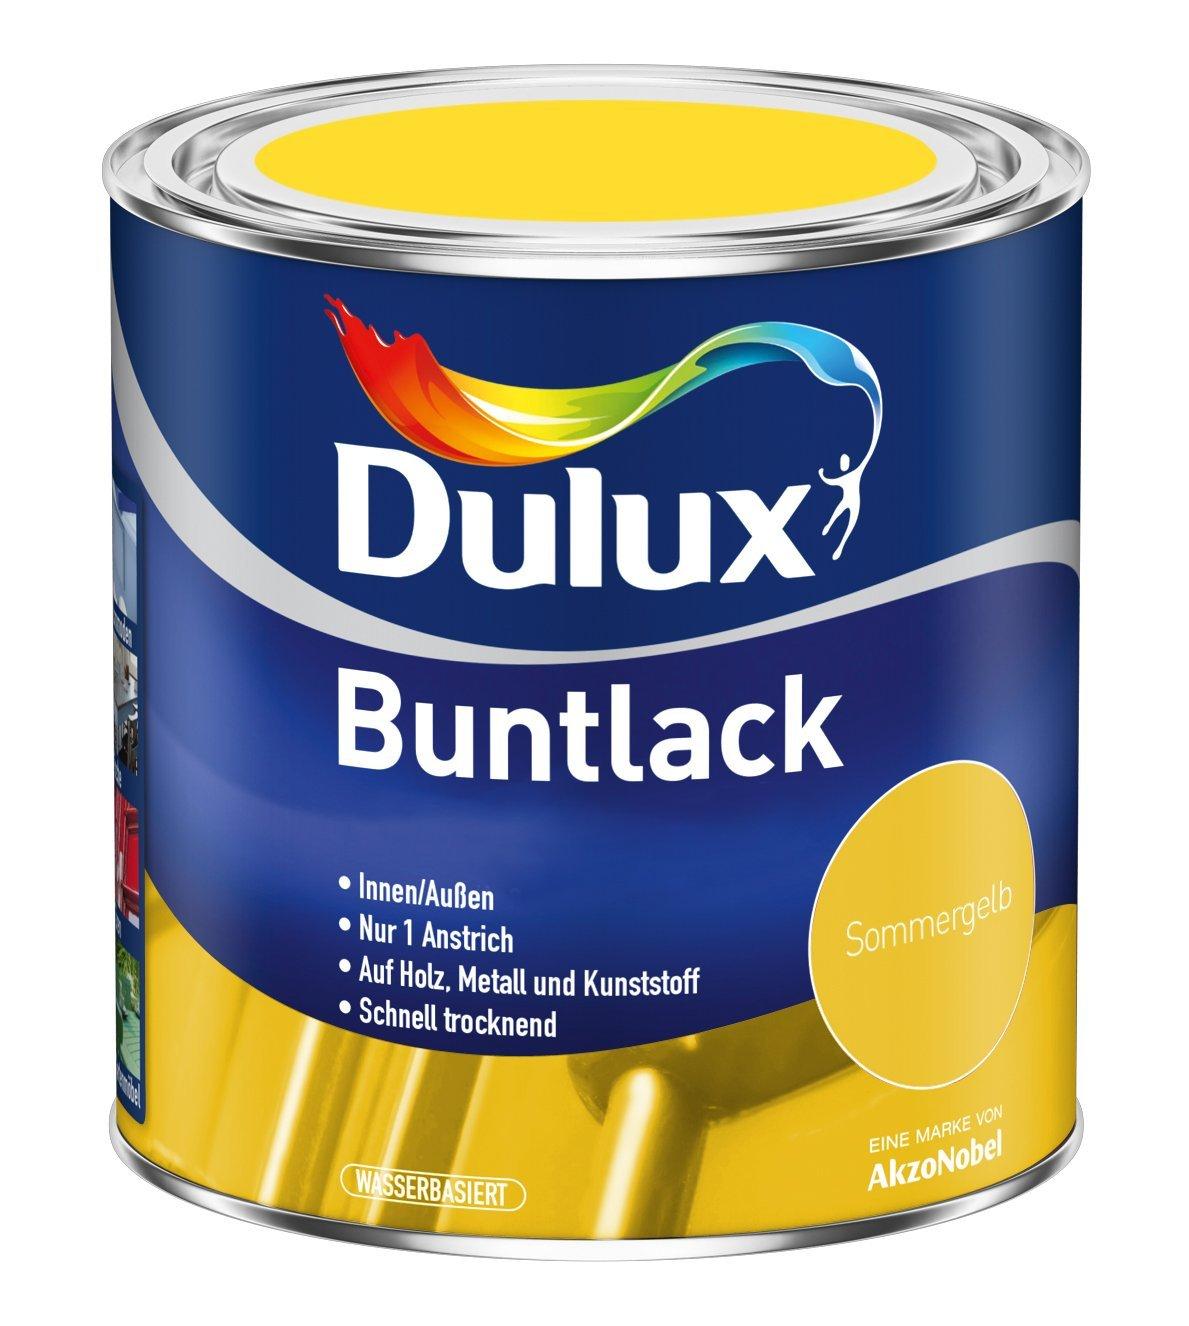 5 x 500 ml Dulux Buntlack Glänzend für innen und außen  2,5 Liter Farbton Wählbar